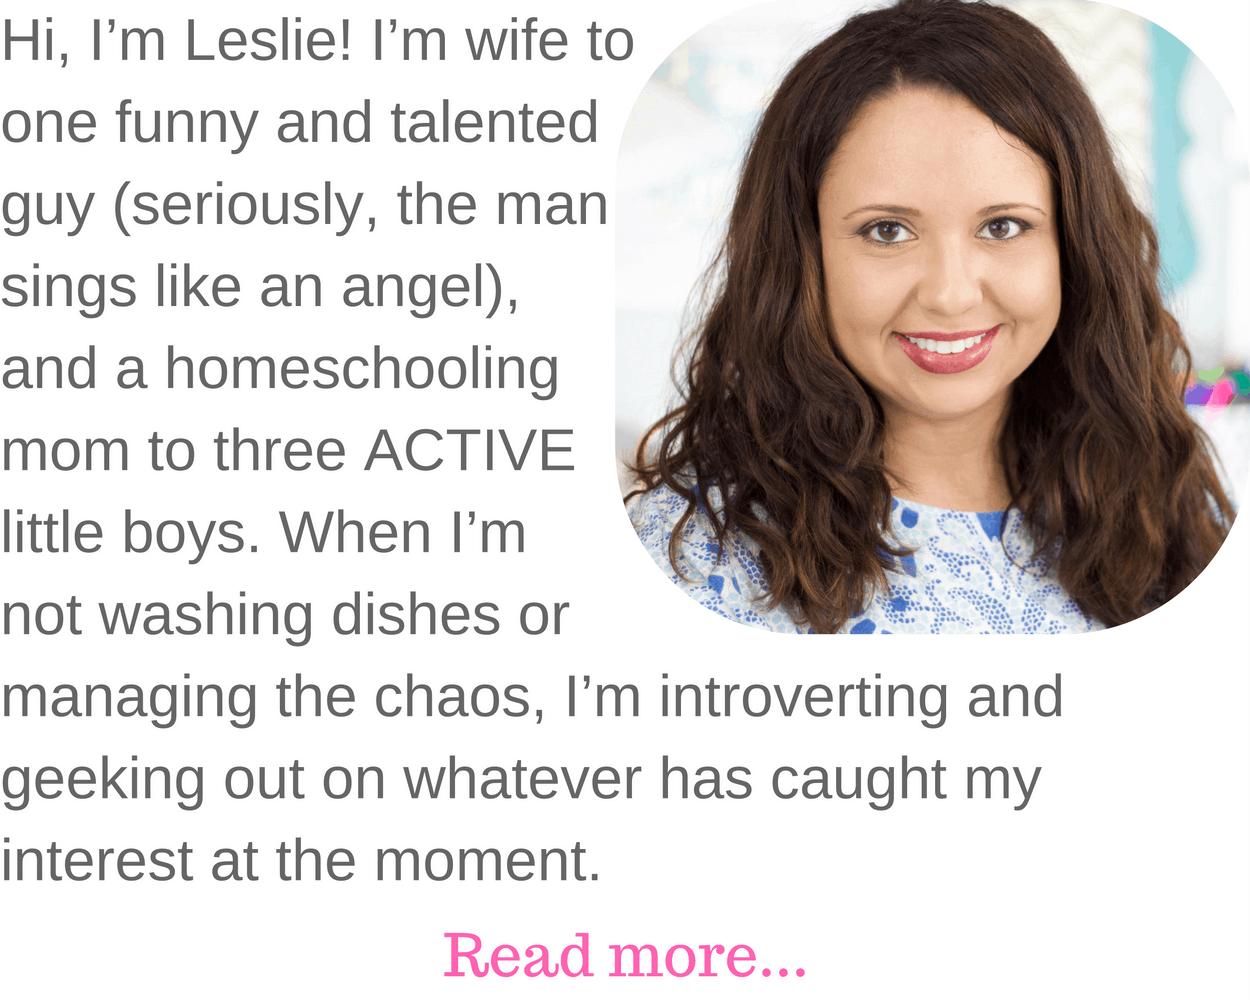 Hi, I'm Leslie!